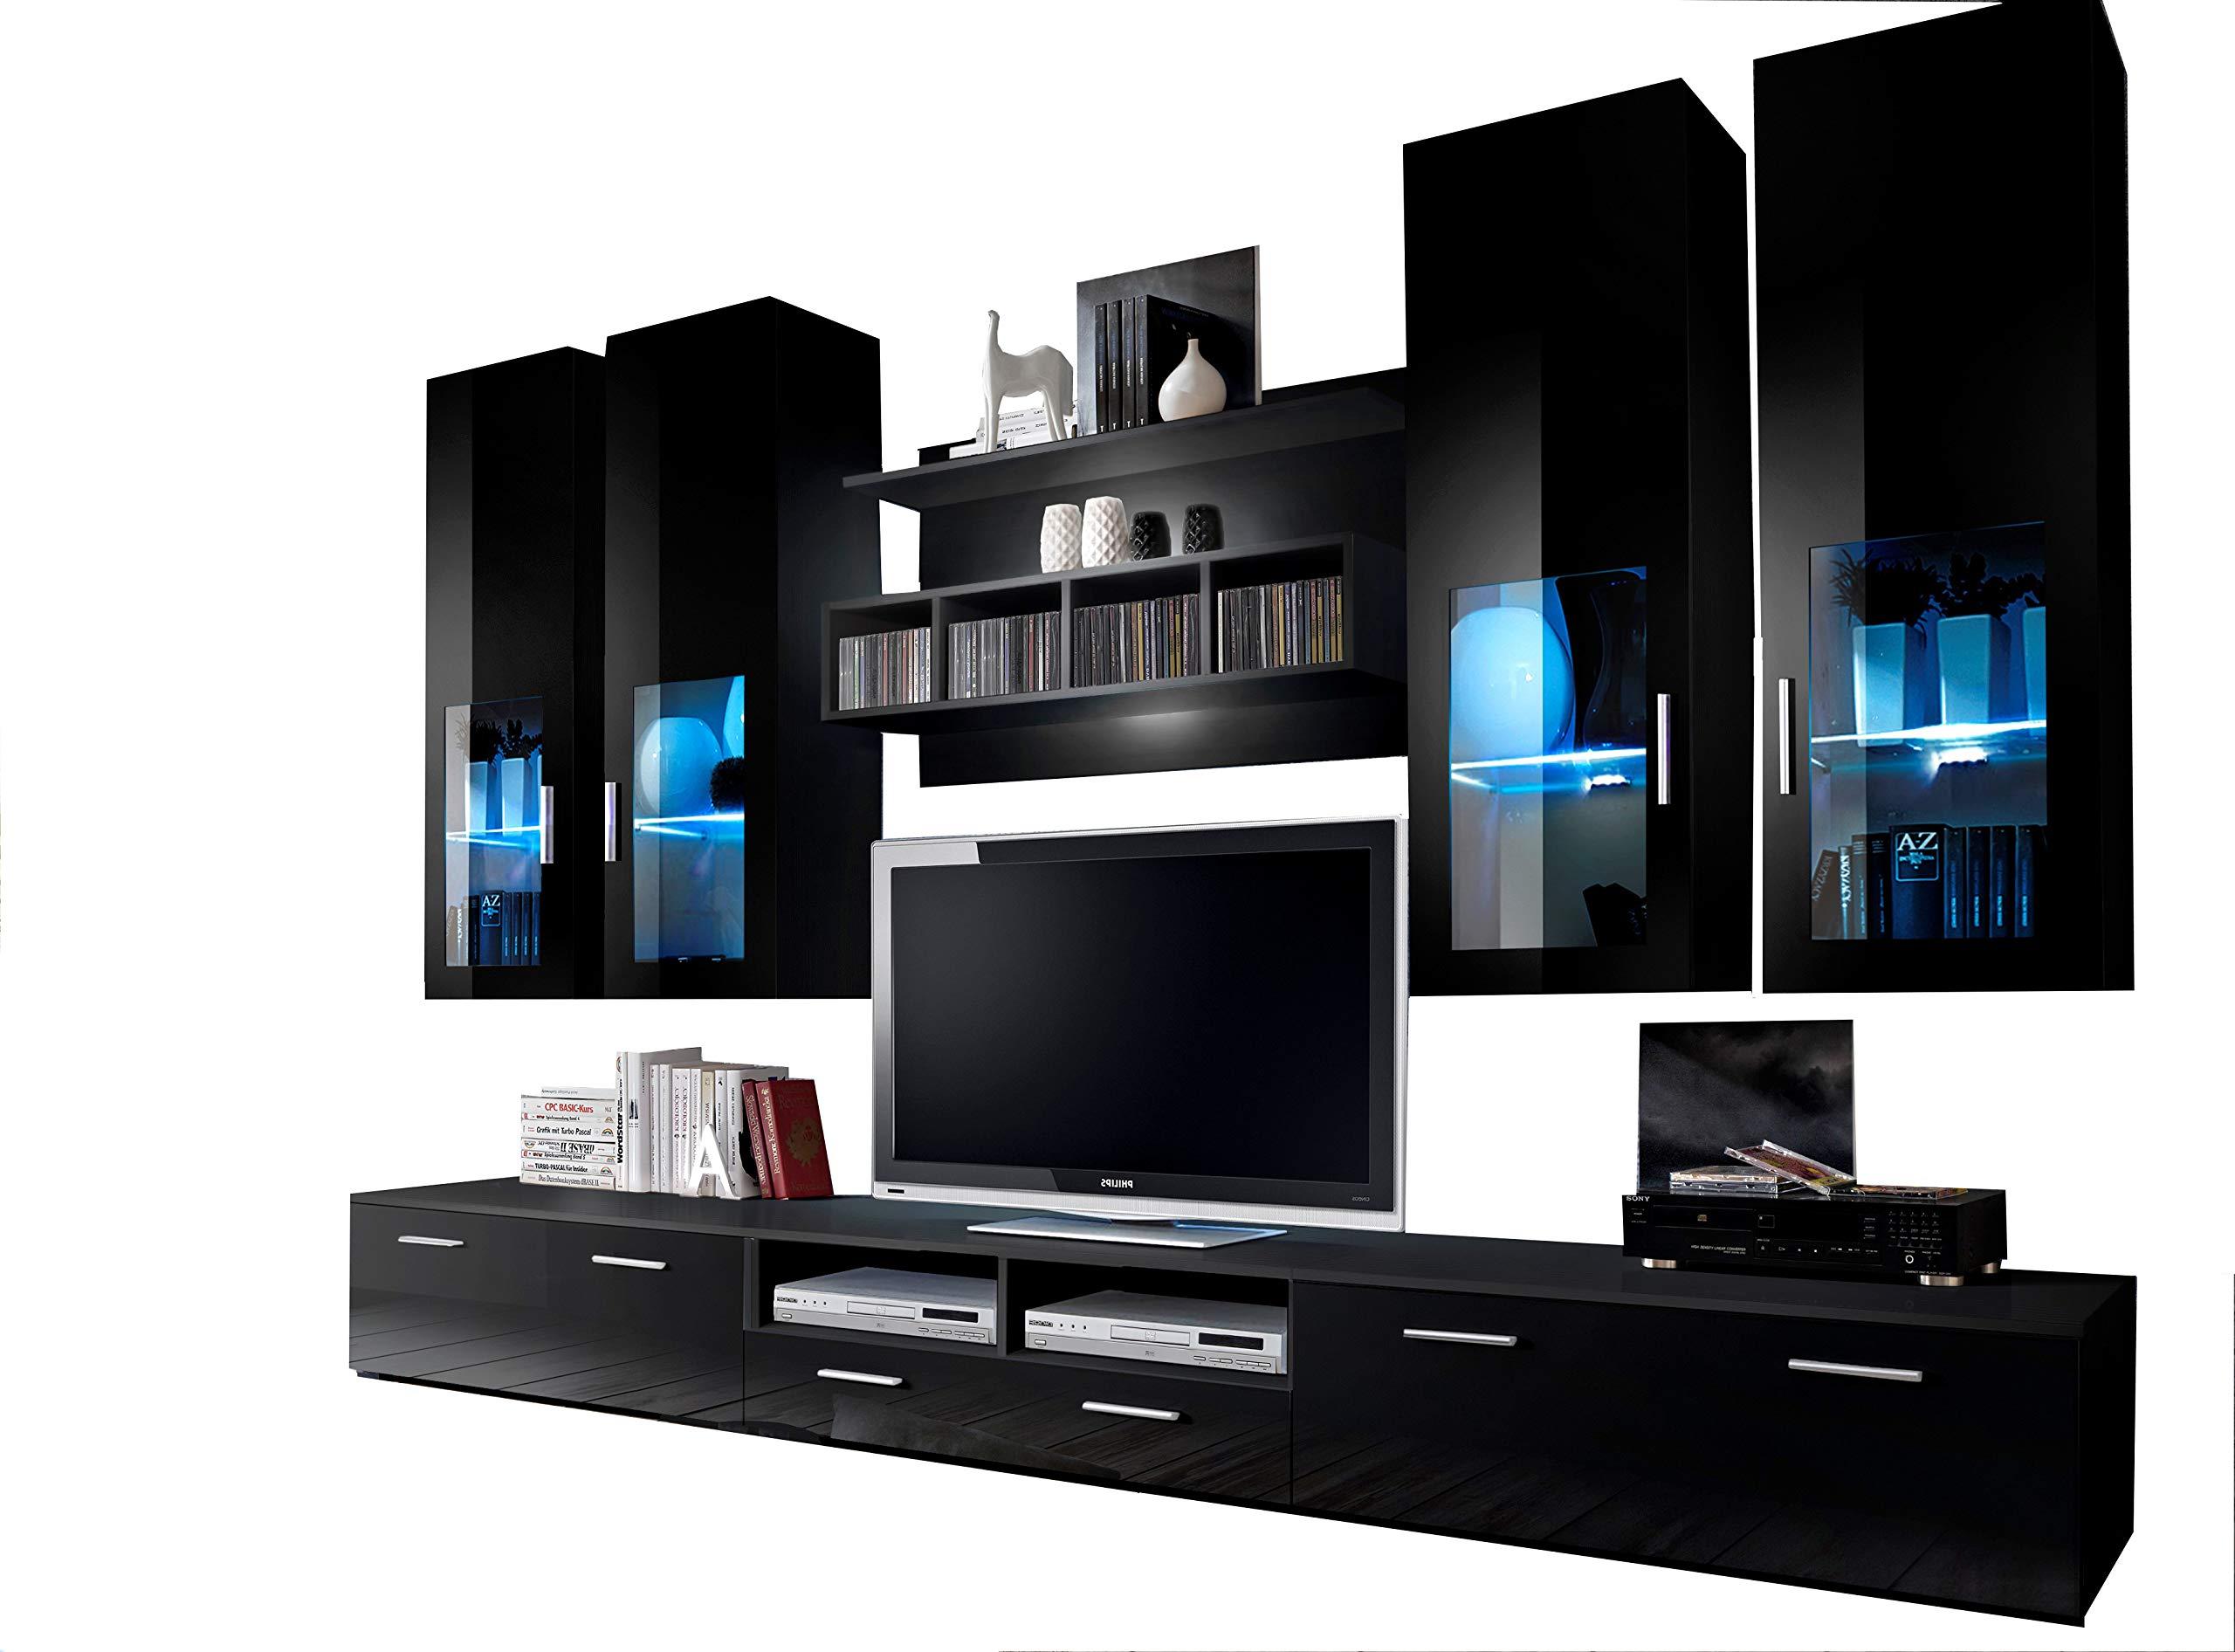 Concept Muebles Presto Moderna Unidad de Pared/Centro de Entretenimiento/Espacioso y Elegante Muebles/Muebles de TV/Soportes de TV para Salón Moderno (Negro): Amazon.es: Hogar